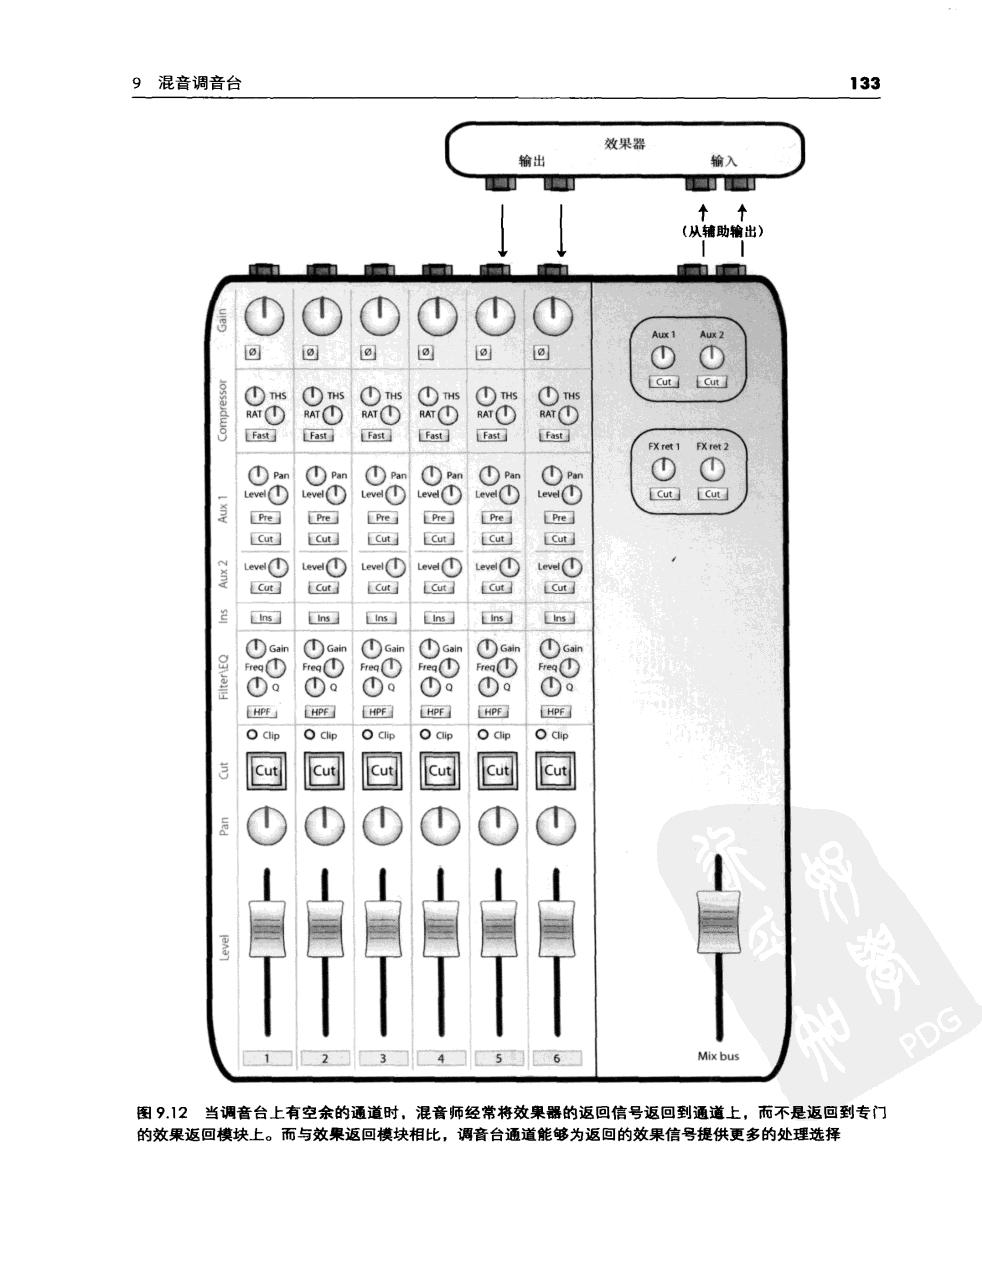 混音指南 155